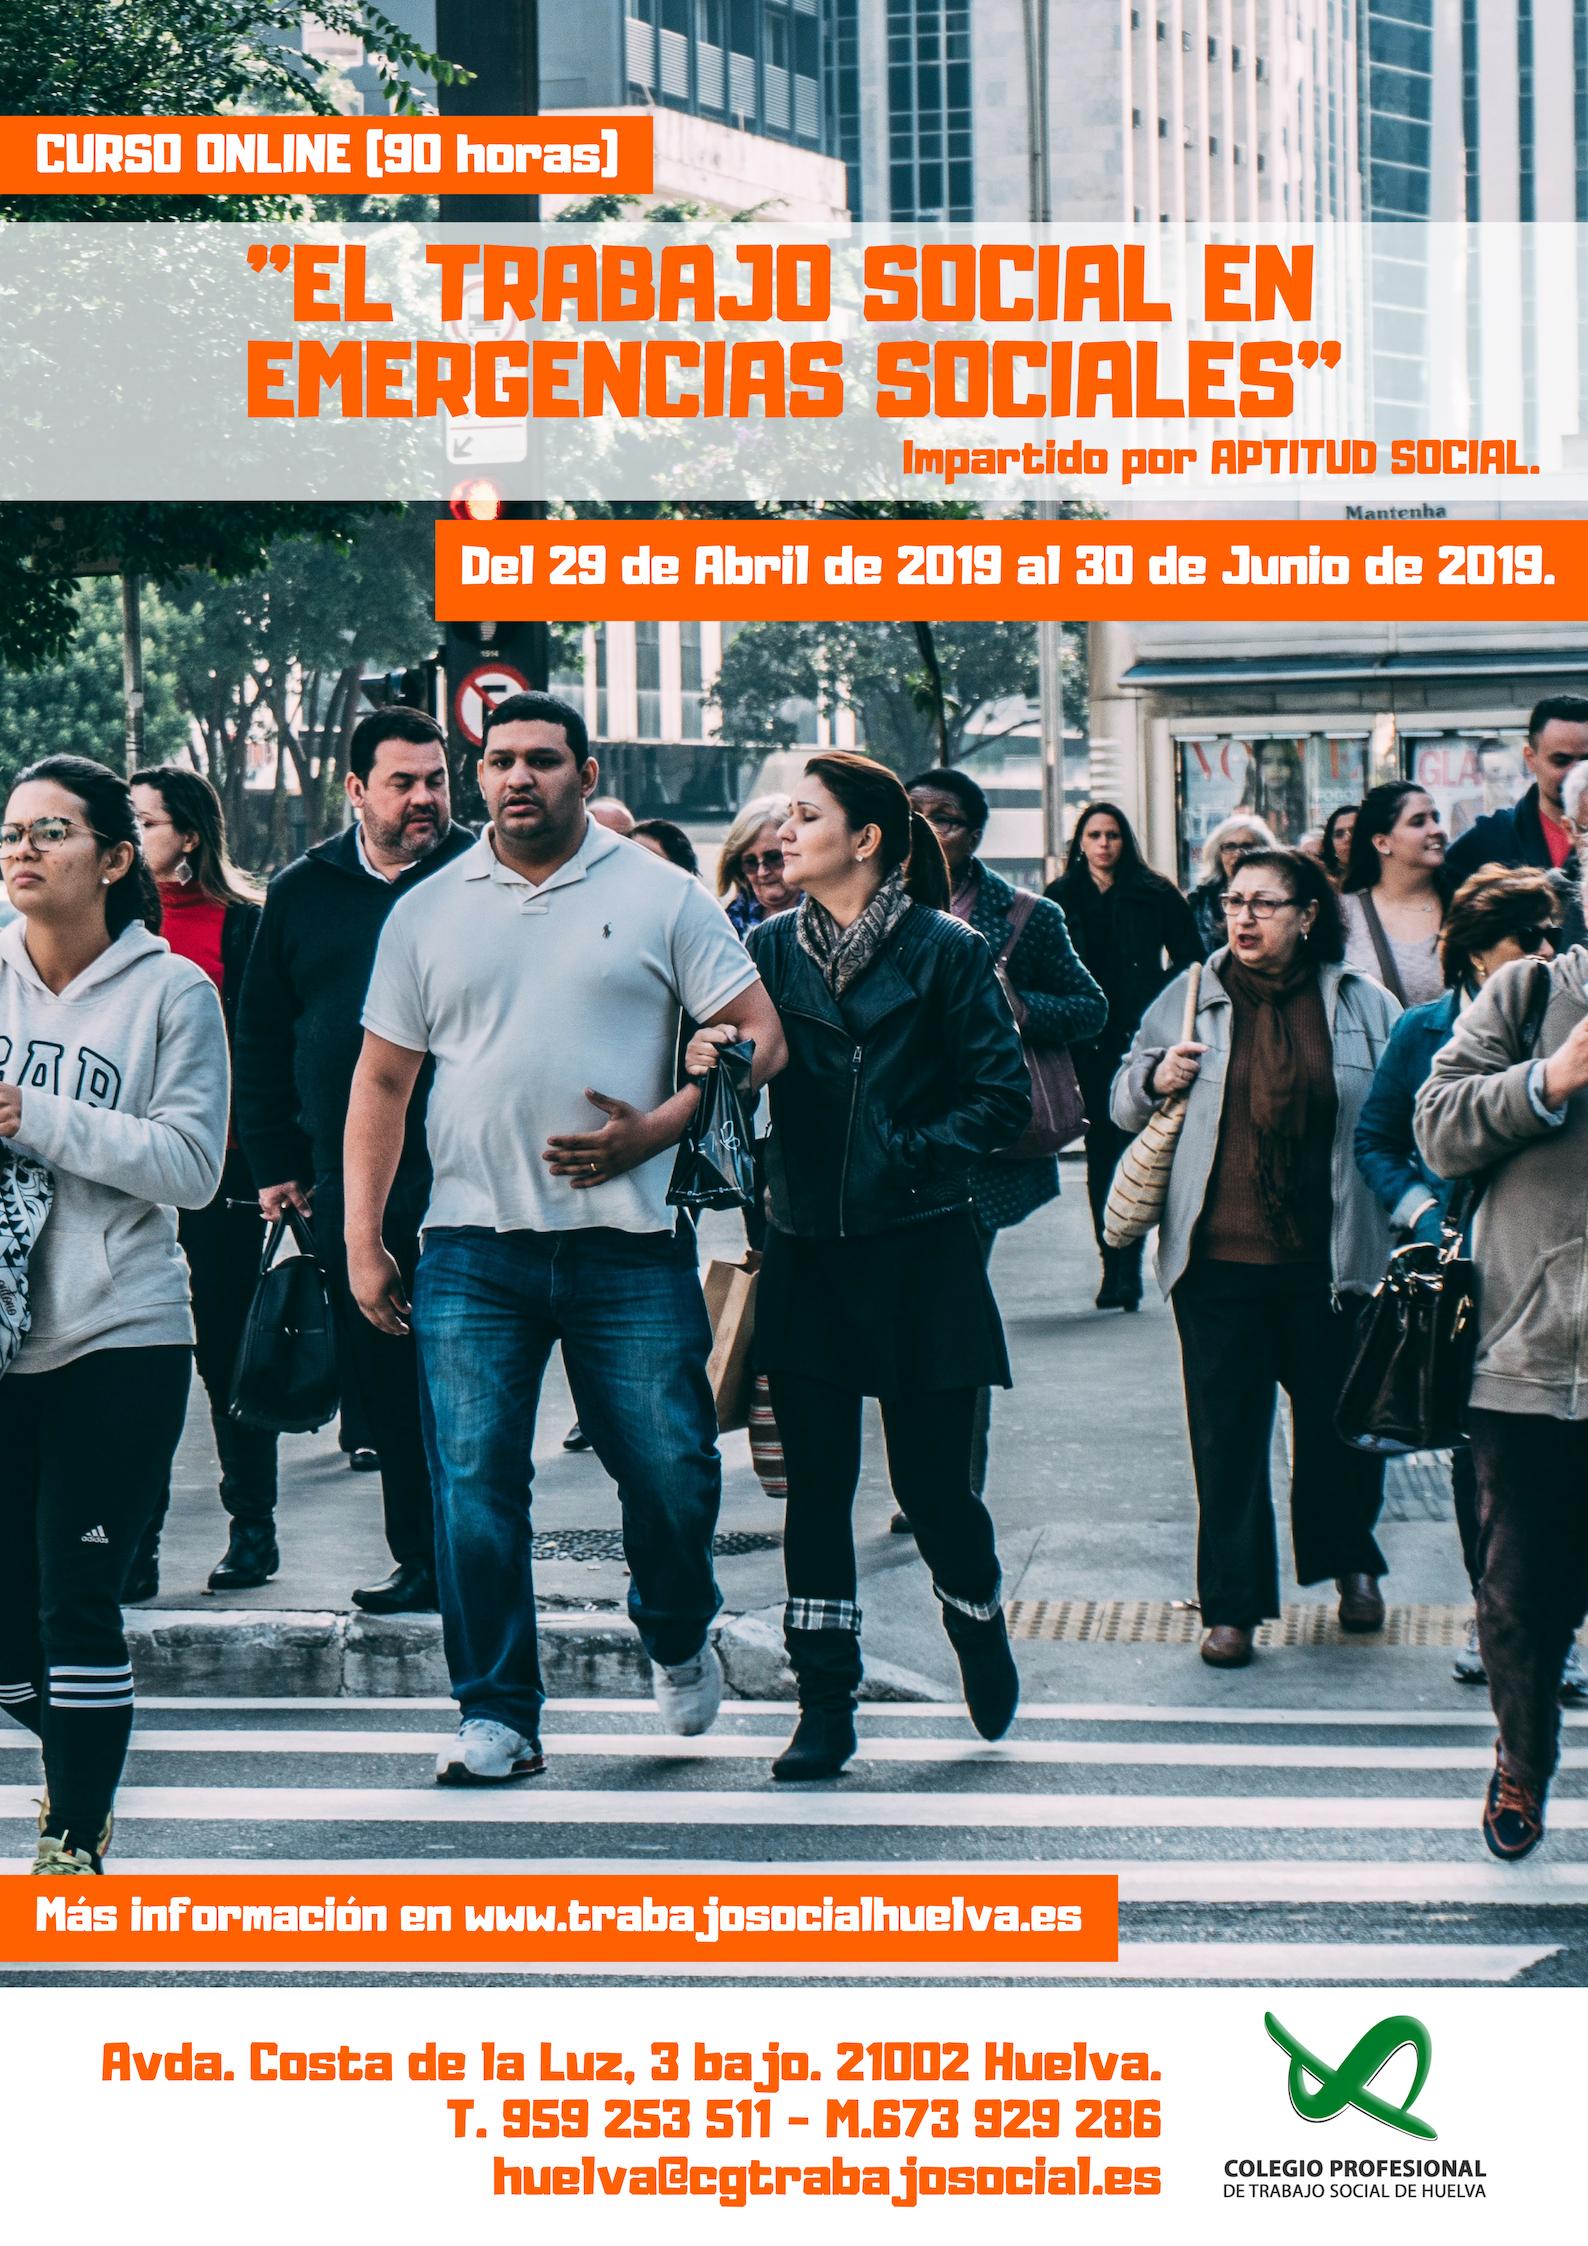 """CURSO ONLINE: """"EL TRABAJO SOCIAL EN EMERGENCIAS SOCIALES"""" (90 HORAS). Abierto el plazo de inscripción."""